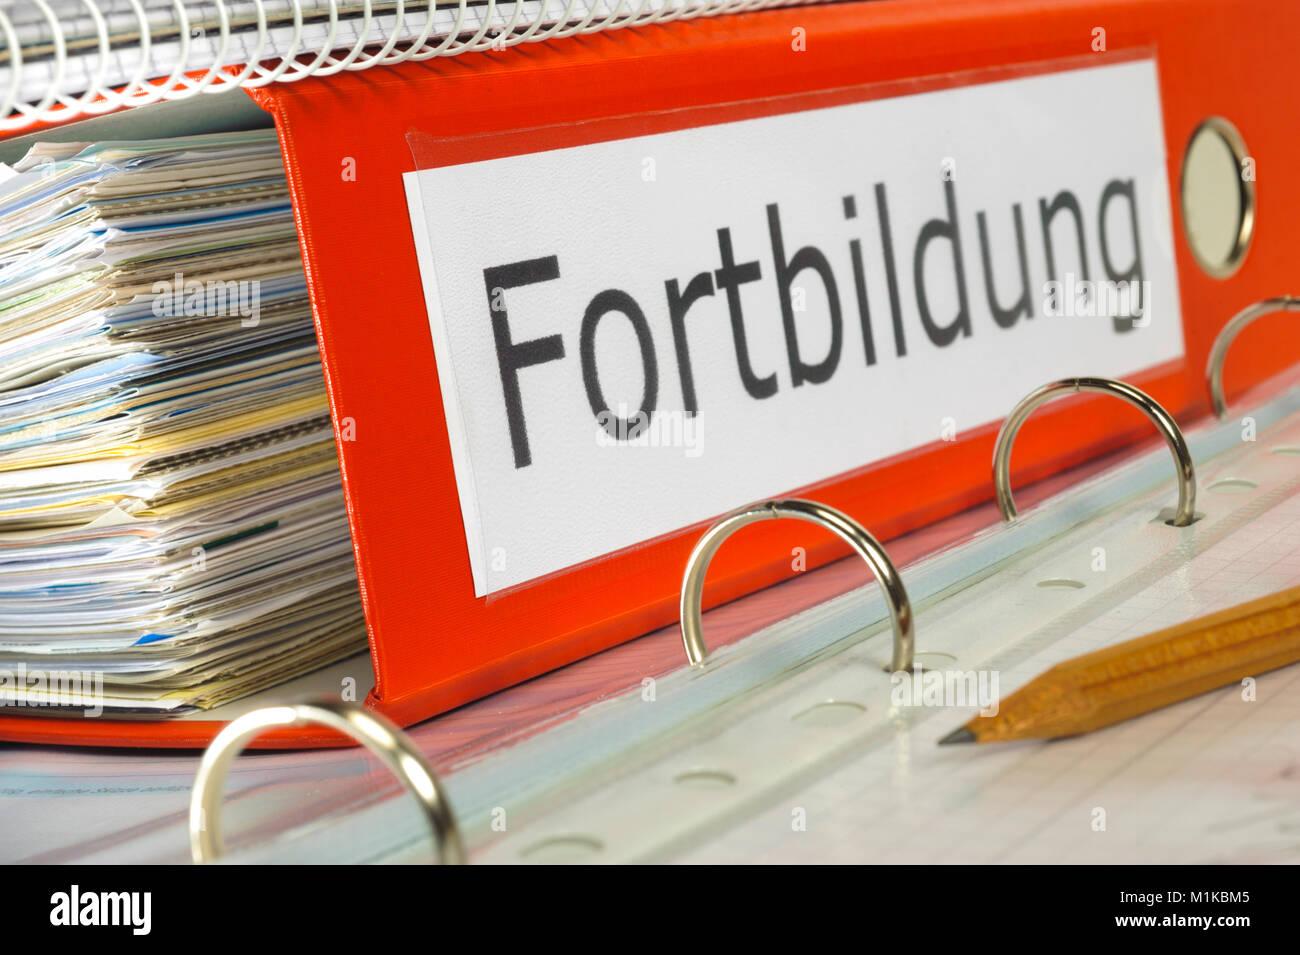 Aktenordner für Fortbildung - Wolfgang Filser [Jede Nutzung ist honorarpflichtig. Veroeffentlichung nur gegen - Stock Image